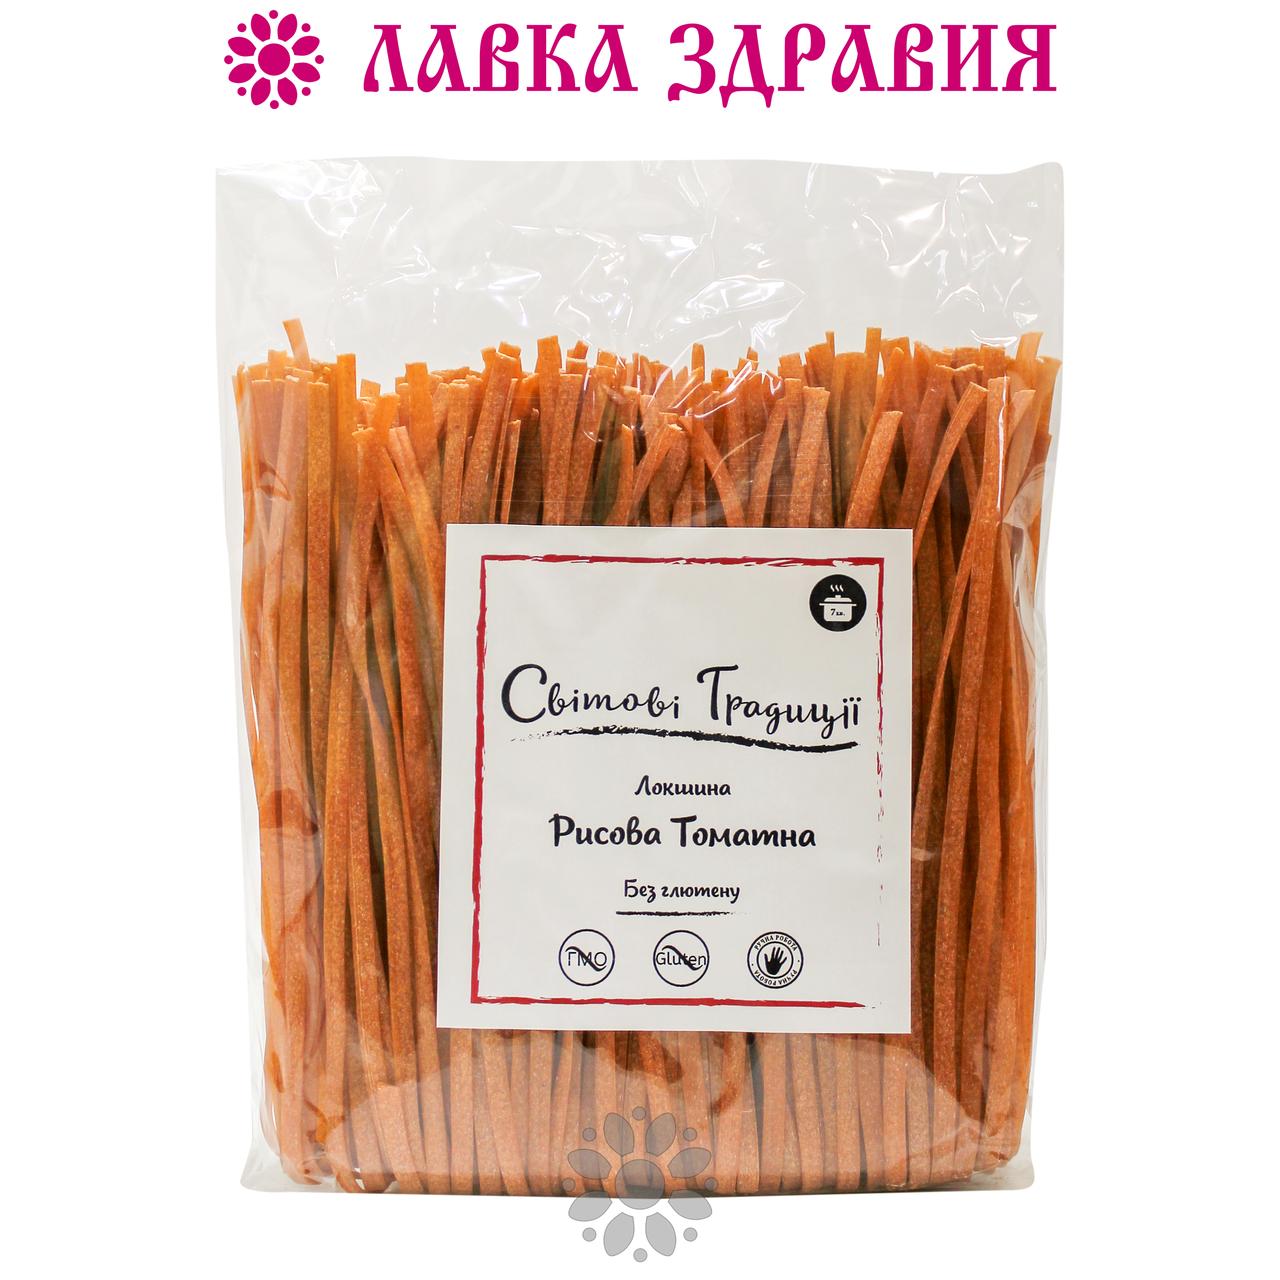 """Локшина рисова томатна (без глютену) """"Світові традиції"""" 300 г"""